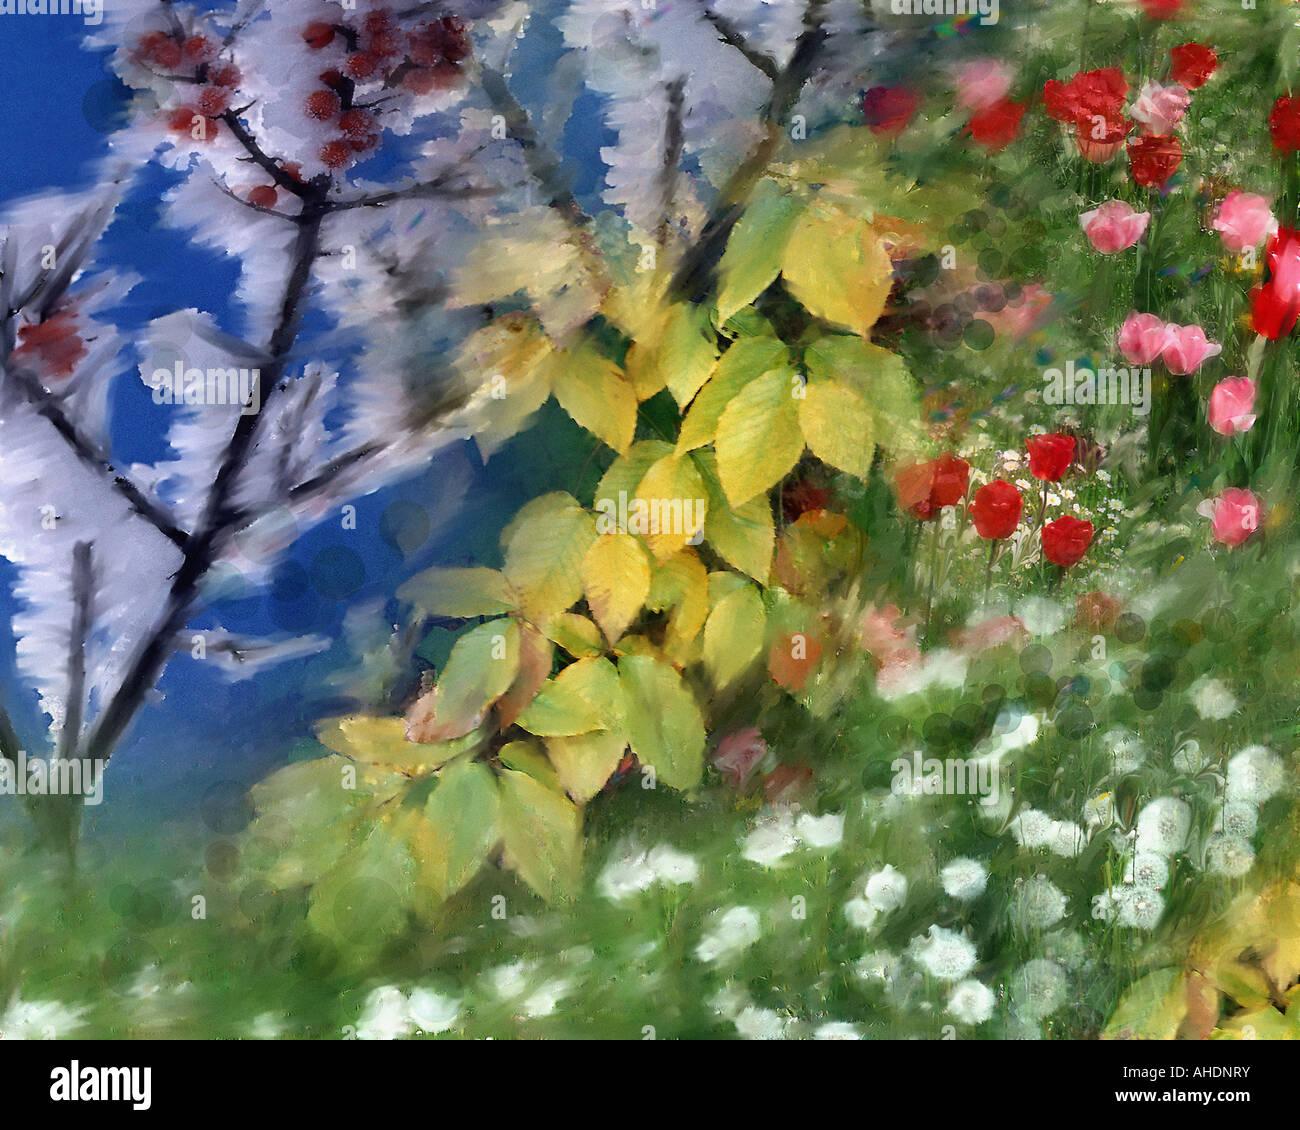 L'ART NUMÉRIQUE: Quatre Saisons Photo Stock